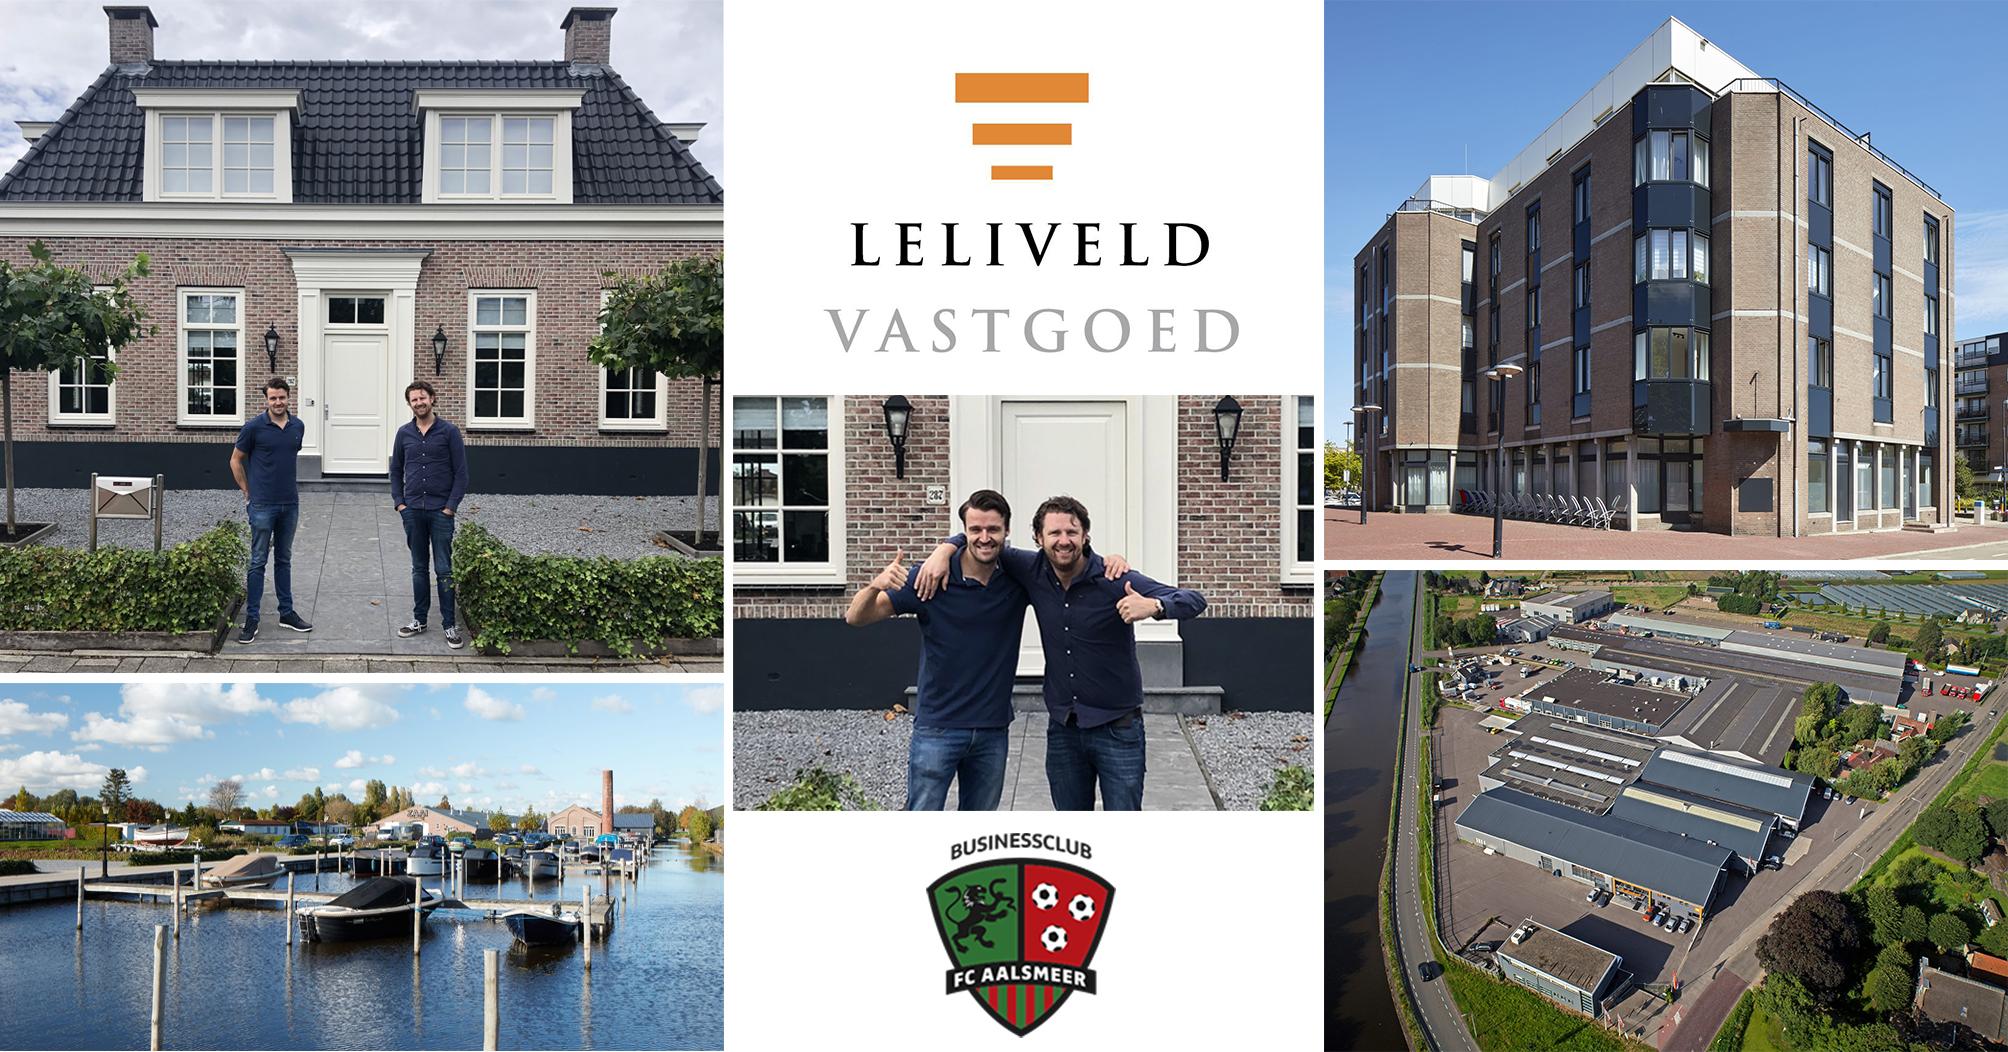 Leliveld-Vastgoed-Businessclub-FC-Aalsmeer